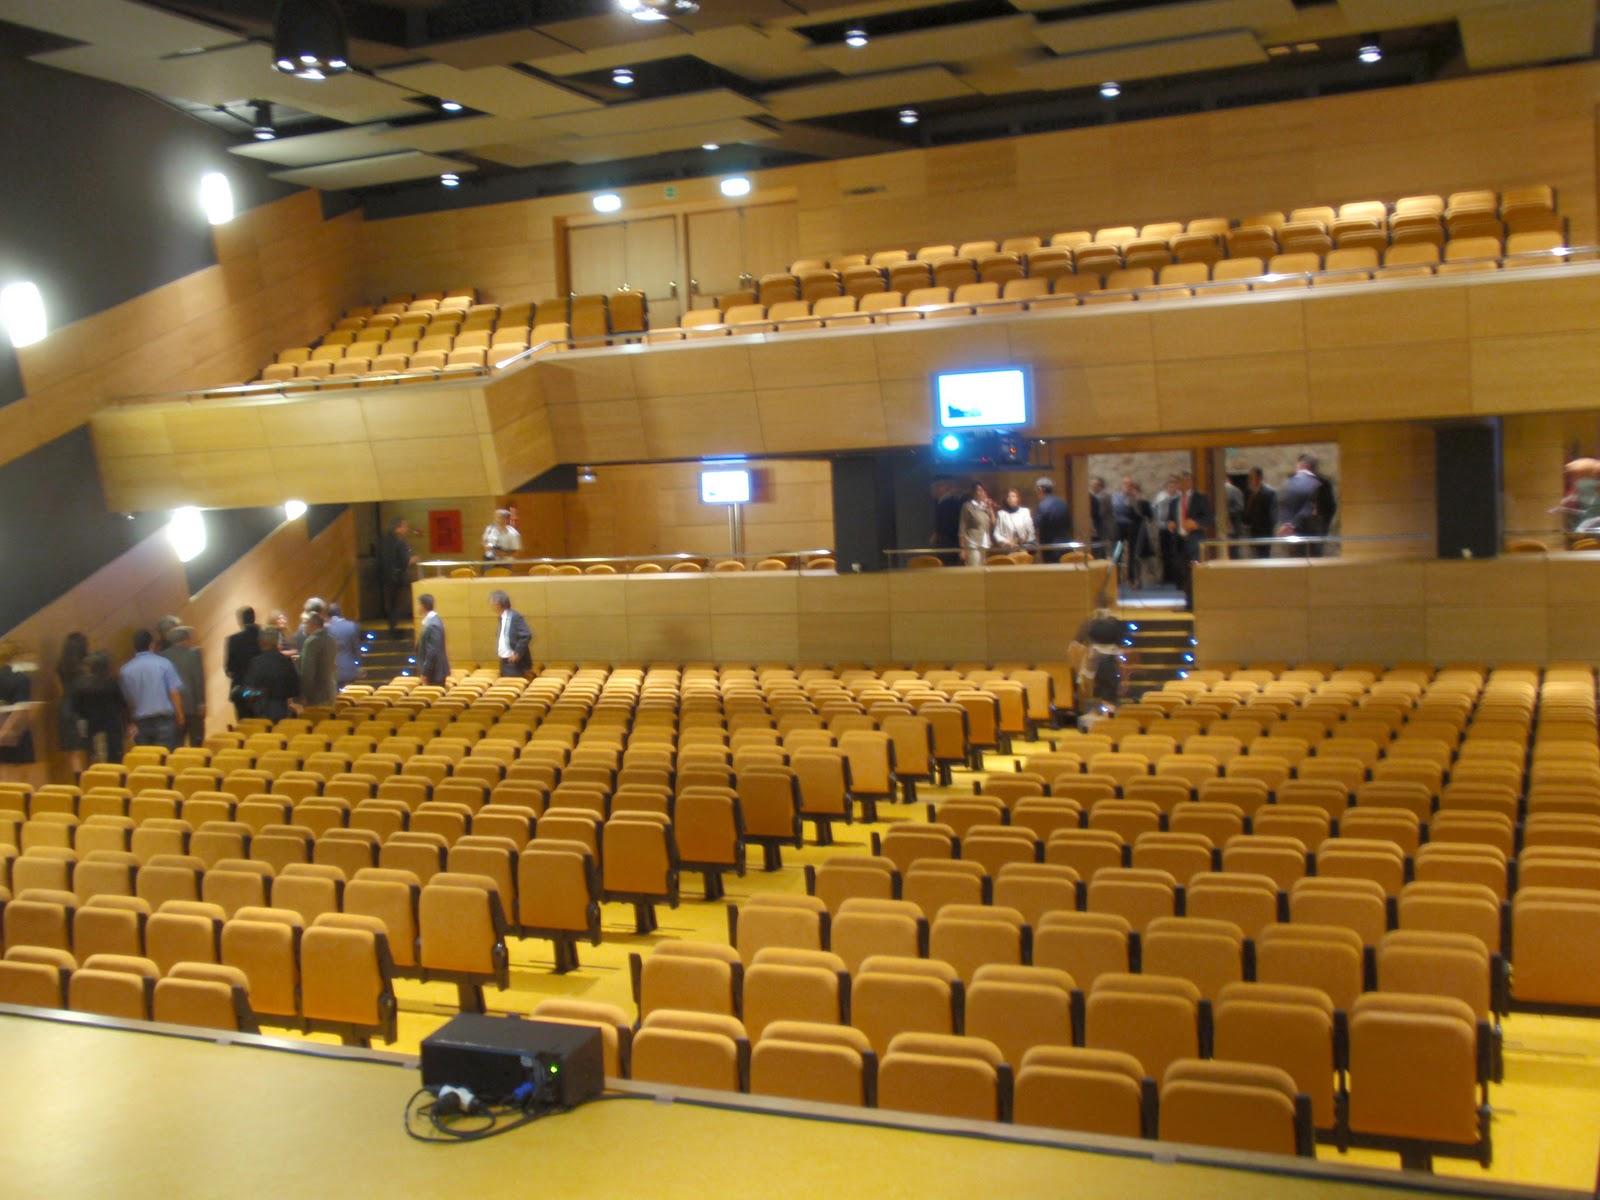 El auditorio alfredo kraus como palacio de congresos y - Auditorio alfredo kraus ...